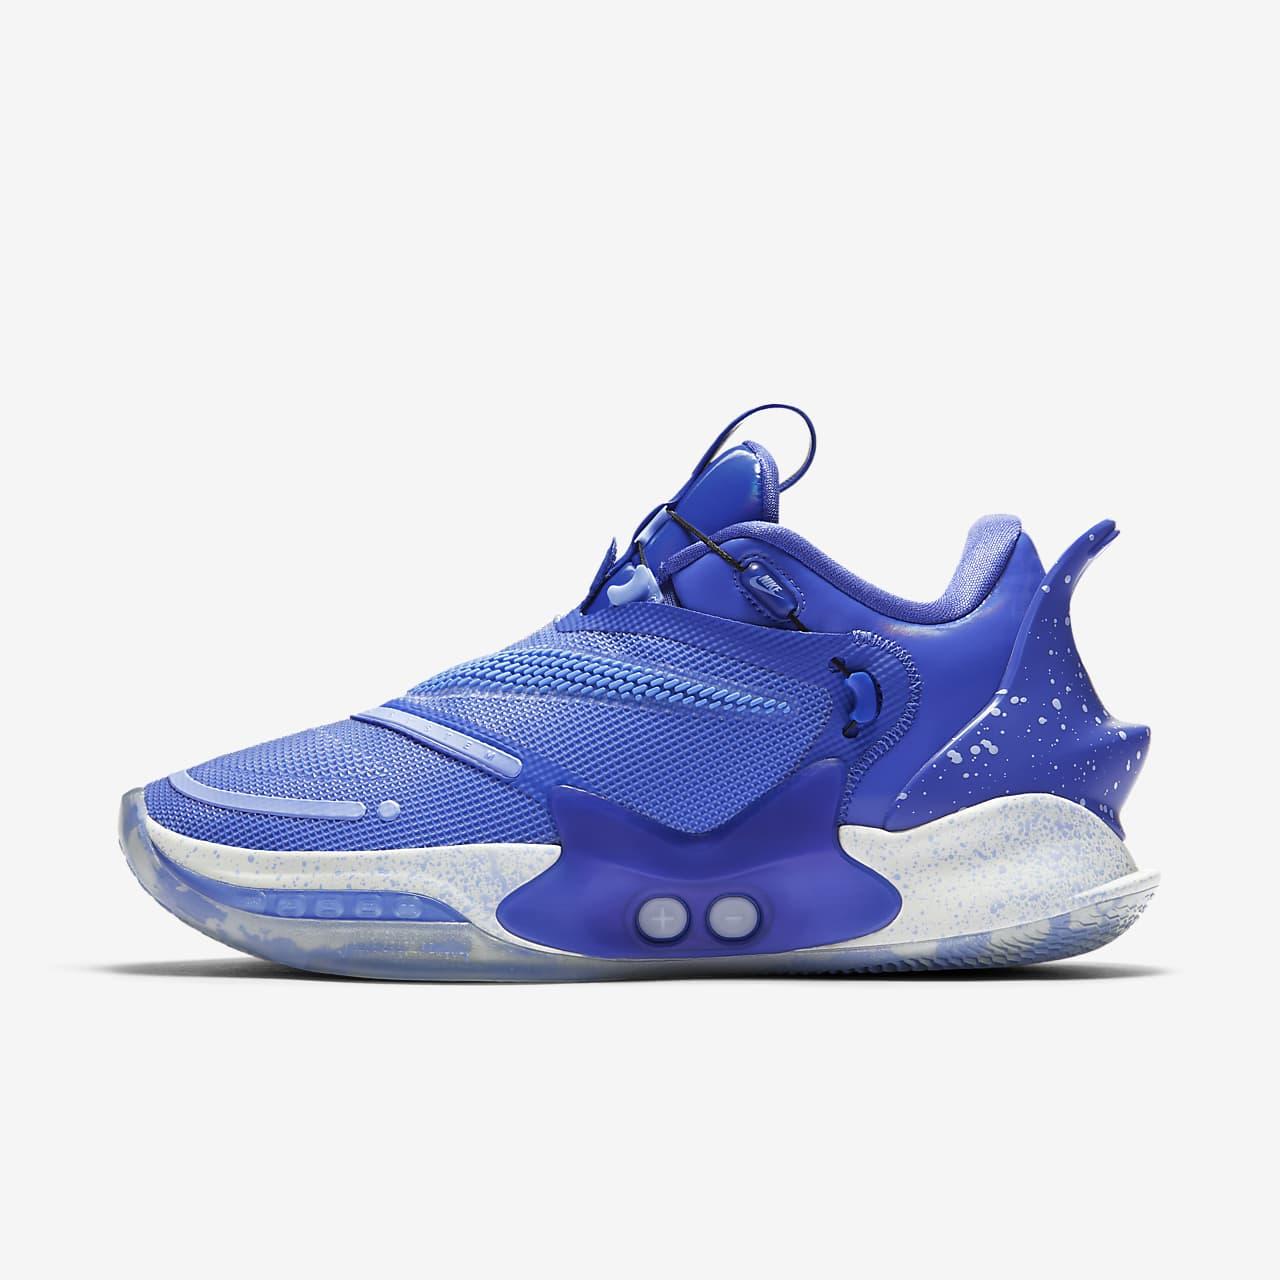 Basketbalová bota Nike Adapt BB 2.0